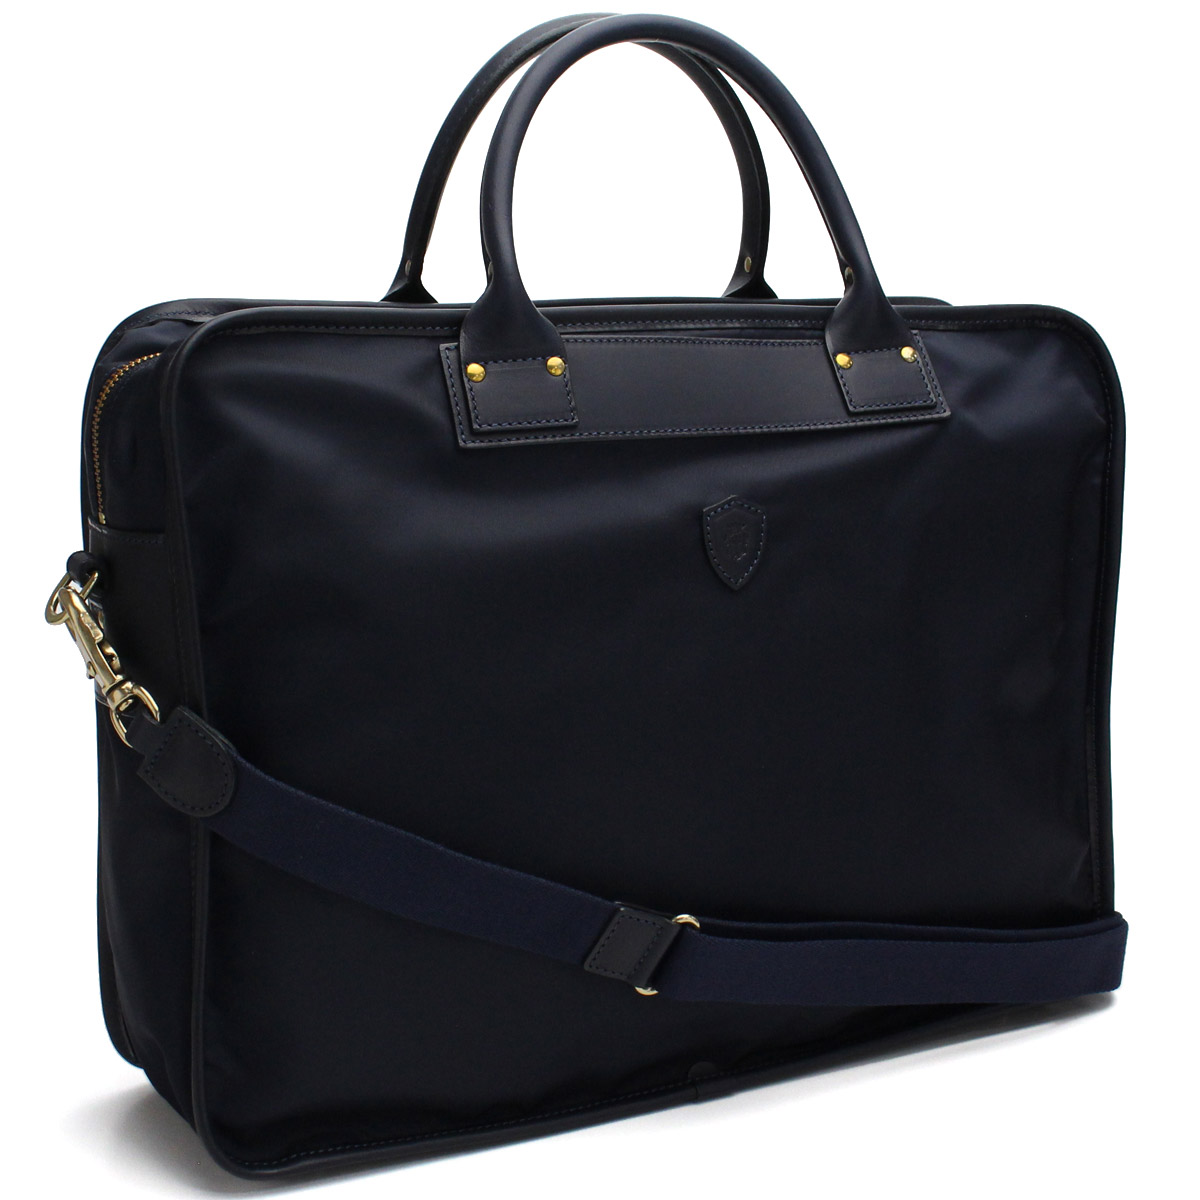 フェリージ FELISI ブリーフケース ビジネスバッグ 1724 DS 0044 BLEU ネイビー系 最安値挑戦中 メンズ